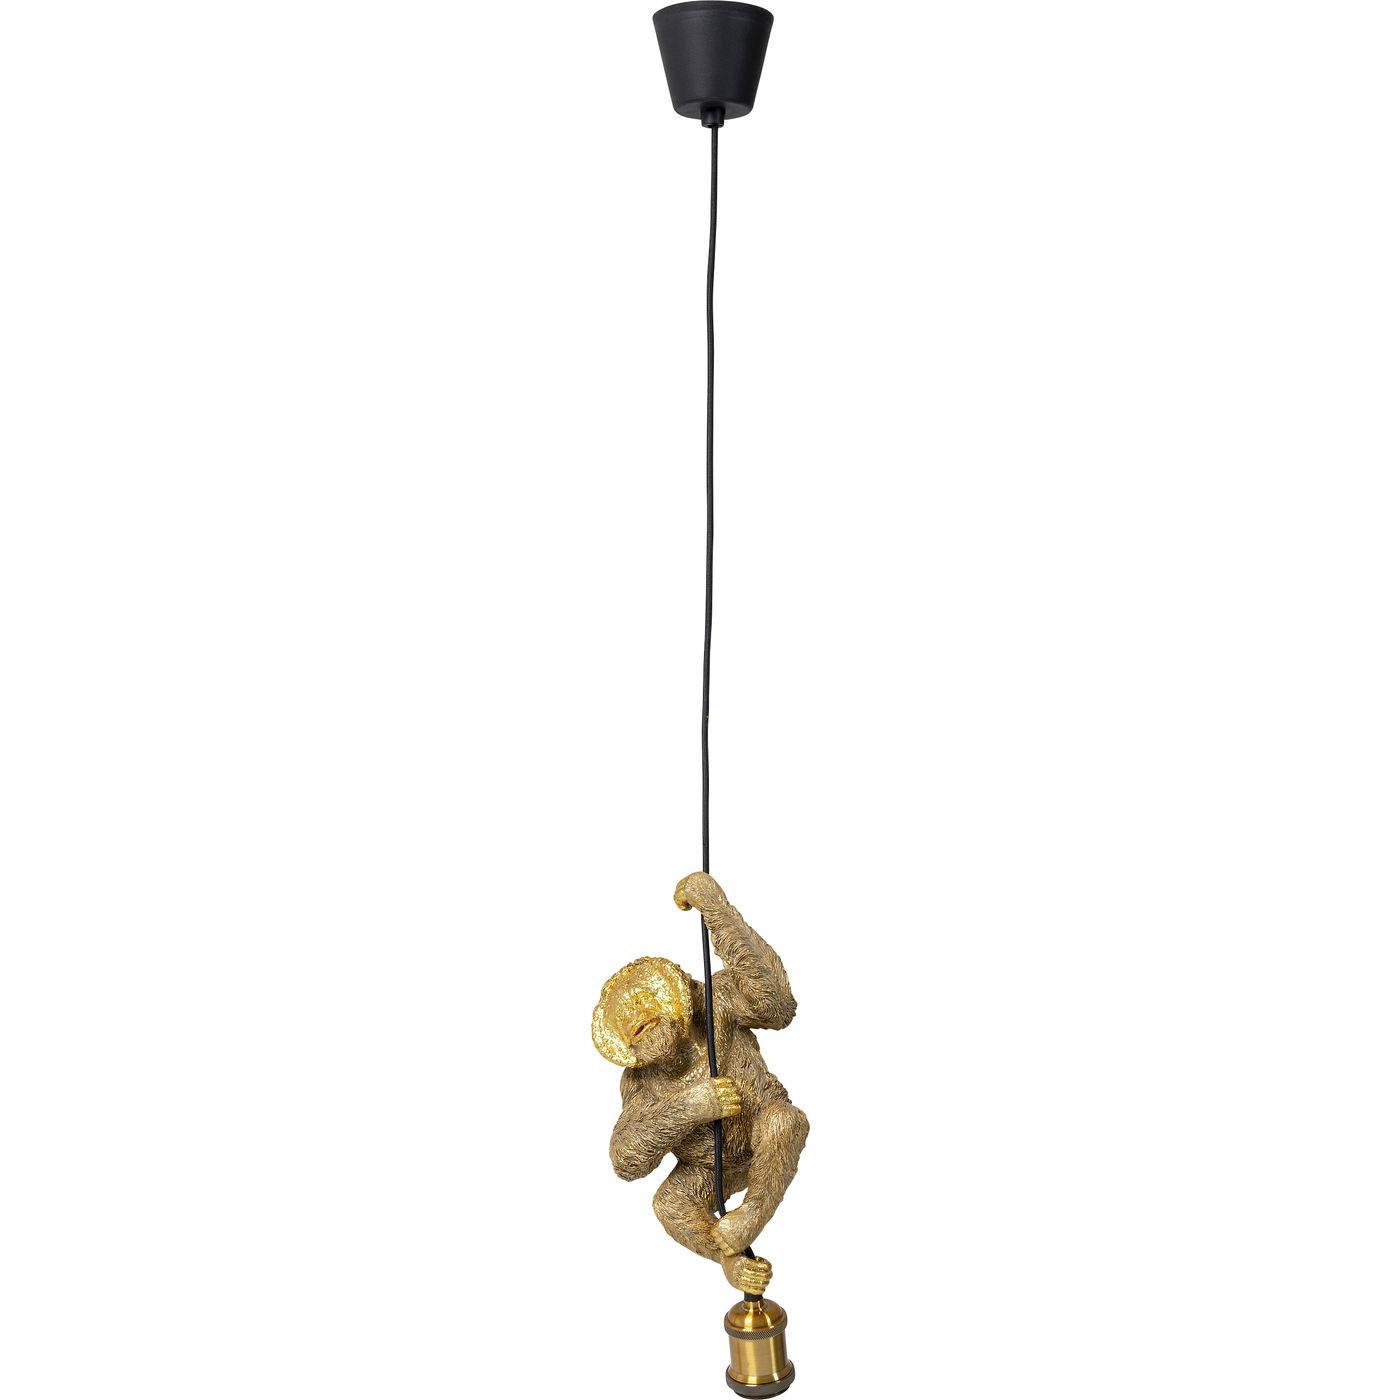 Suspension singe en polyrésine dorée